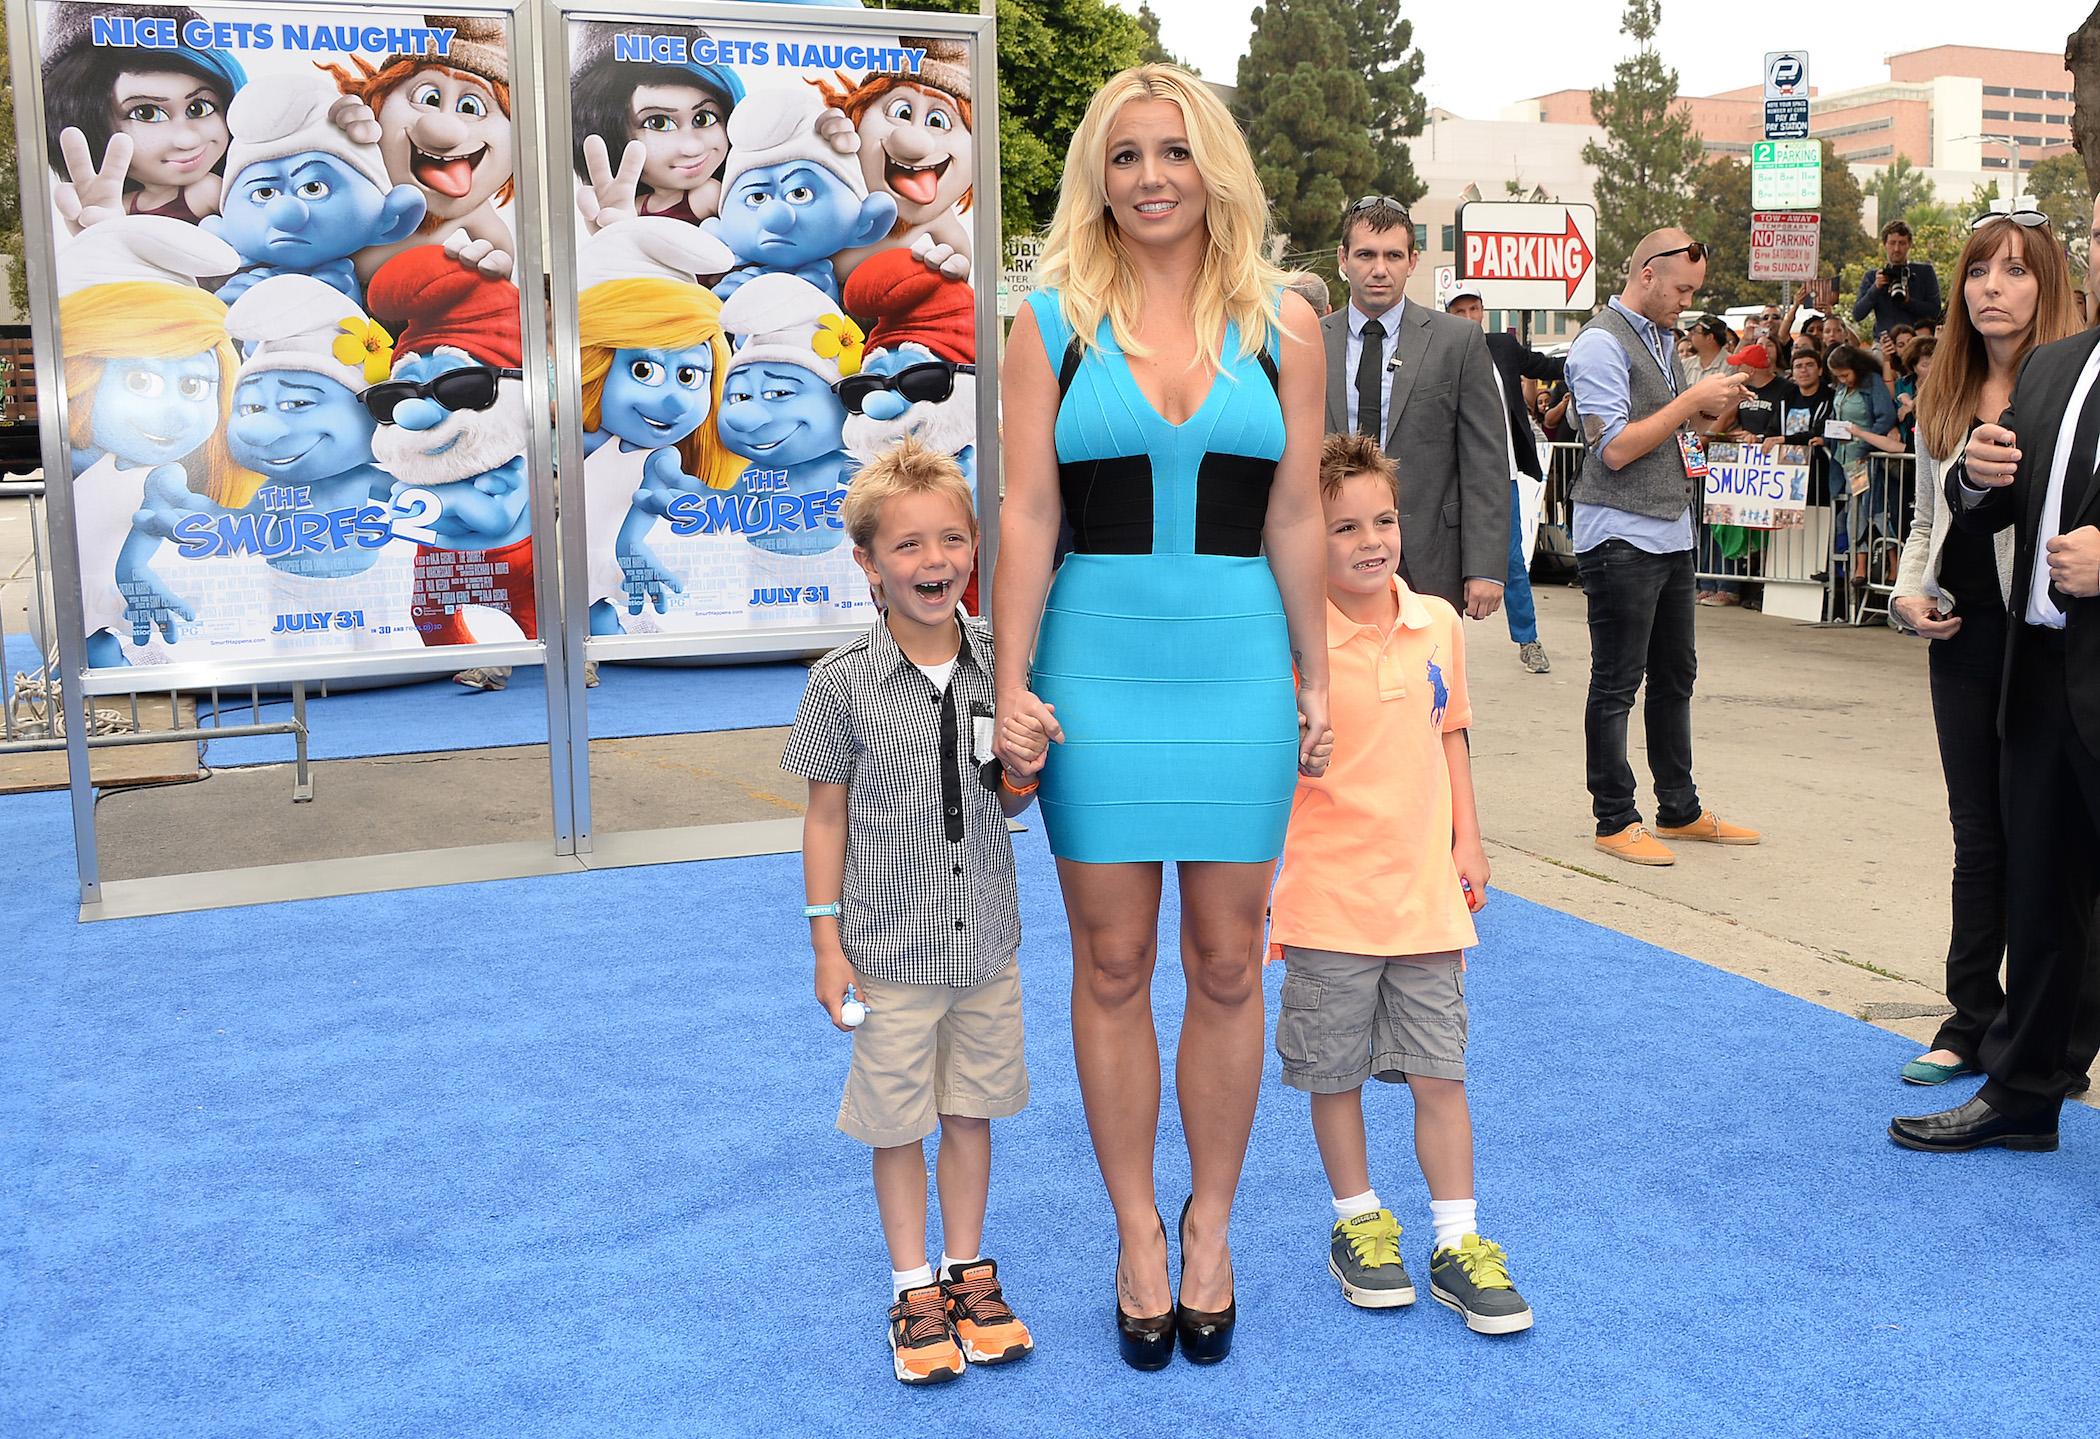 Britney Spears with her kids, Sean Preston Federline and Jayden James Federline